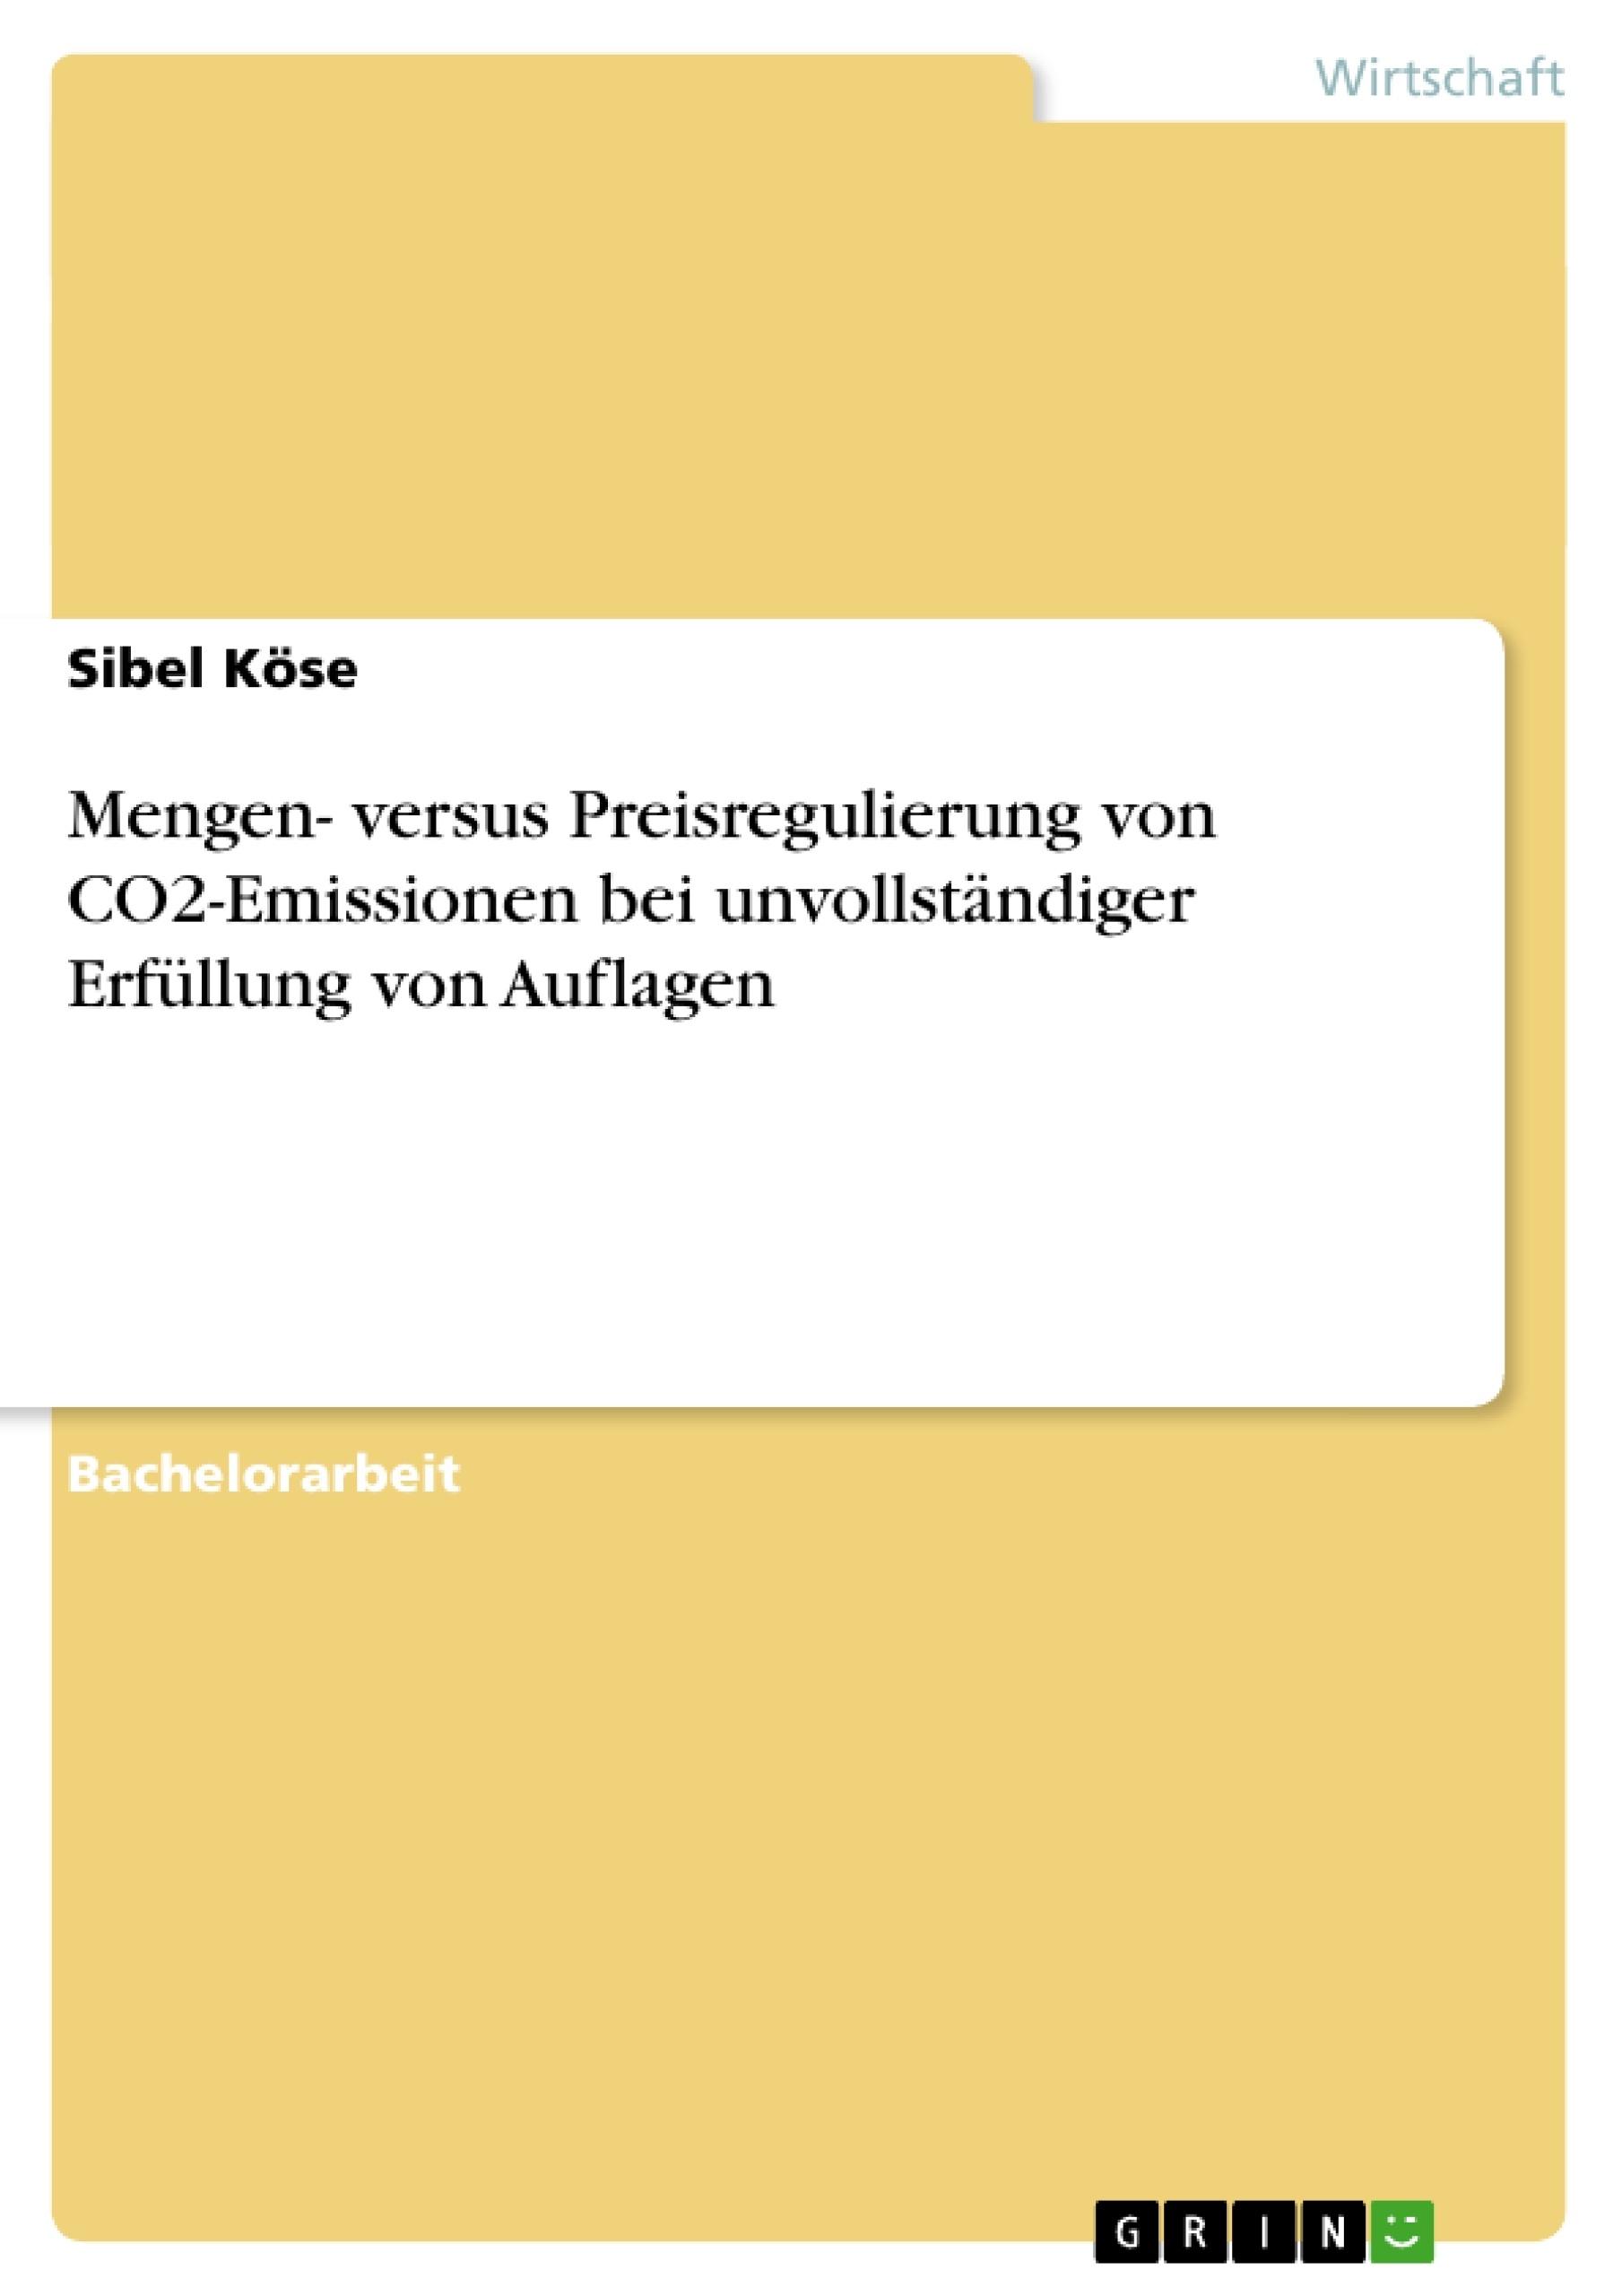 Titel: Mengen- versus Preisregulierung von CO2-Emissionen bei unvollständiger Erfüllung von Auflagen